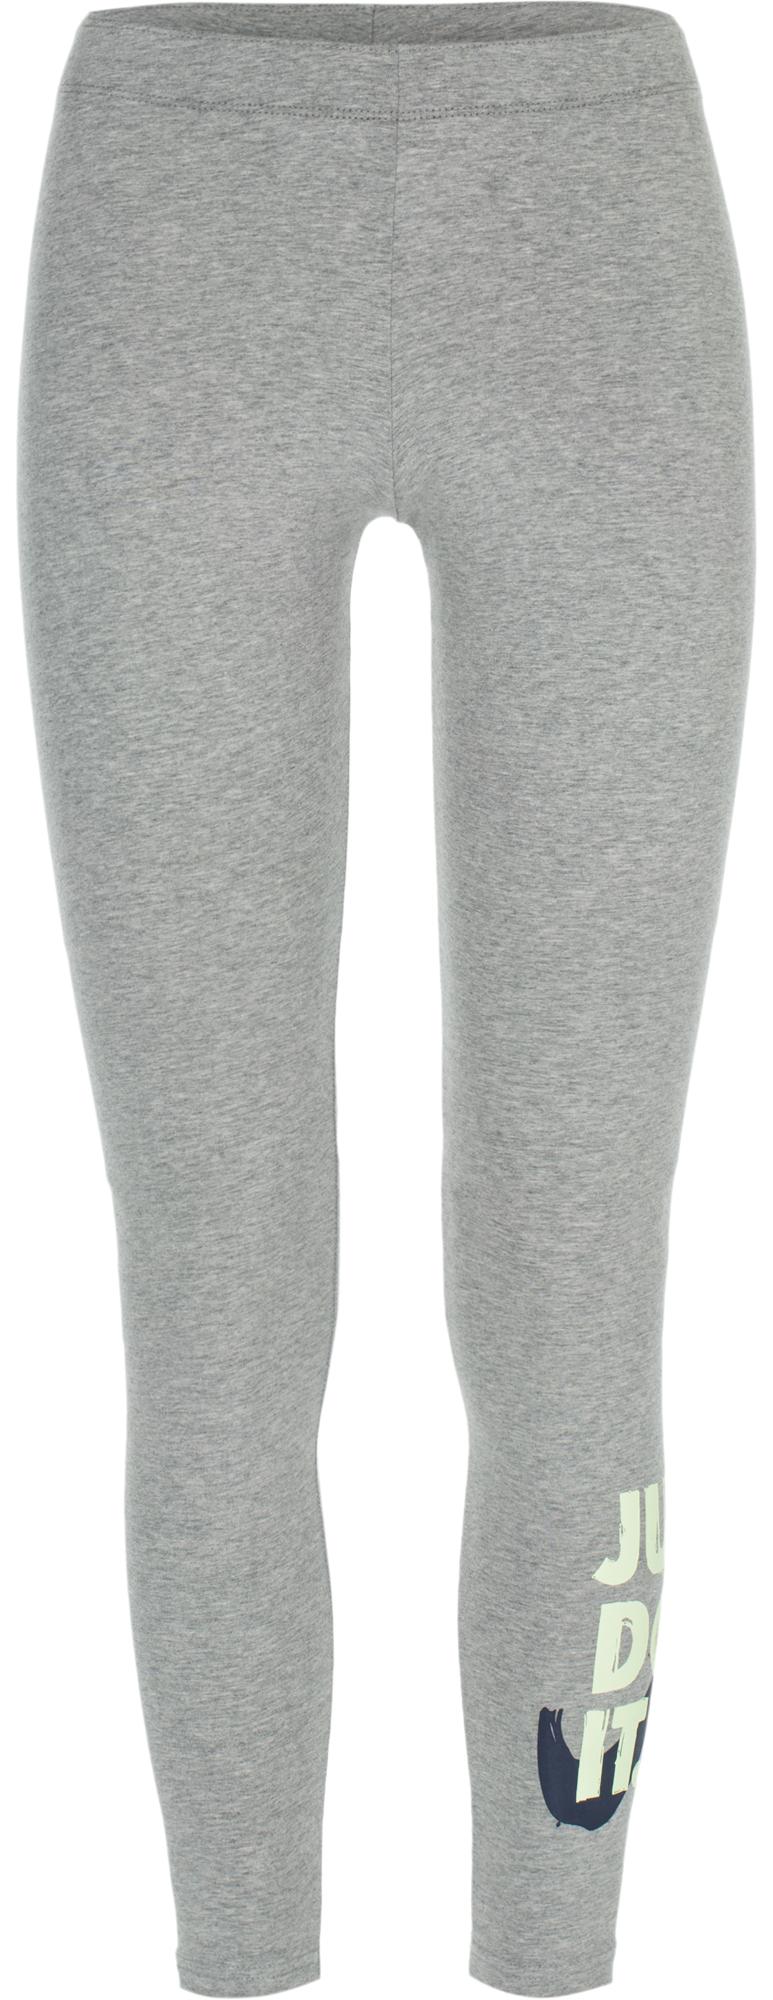 Nike Легинсы женские Nike Sportswear конте легинсы фото